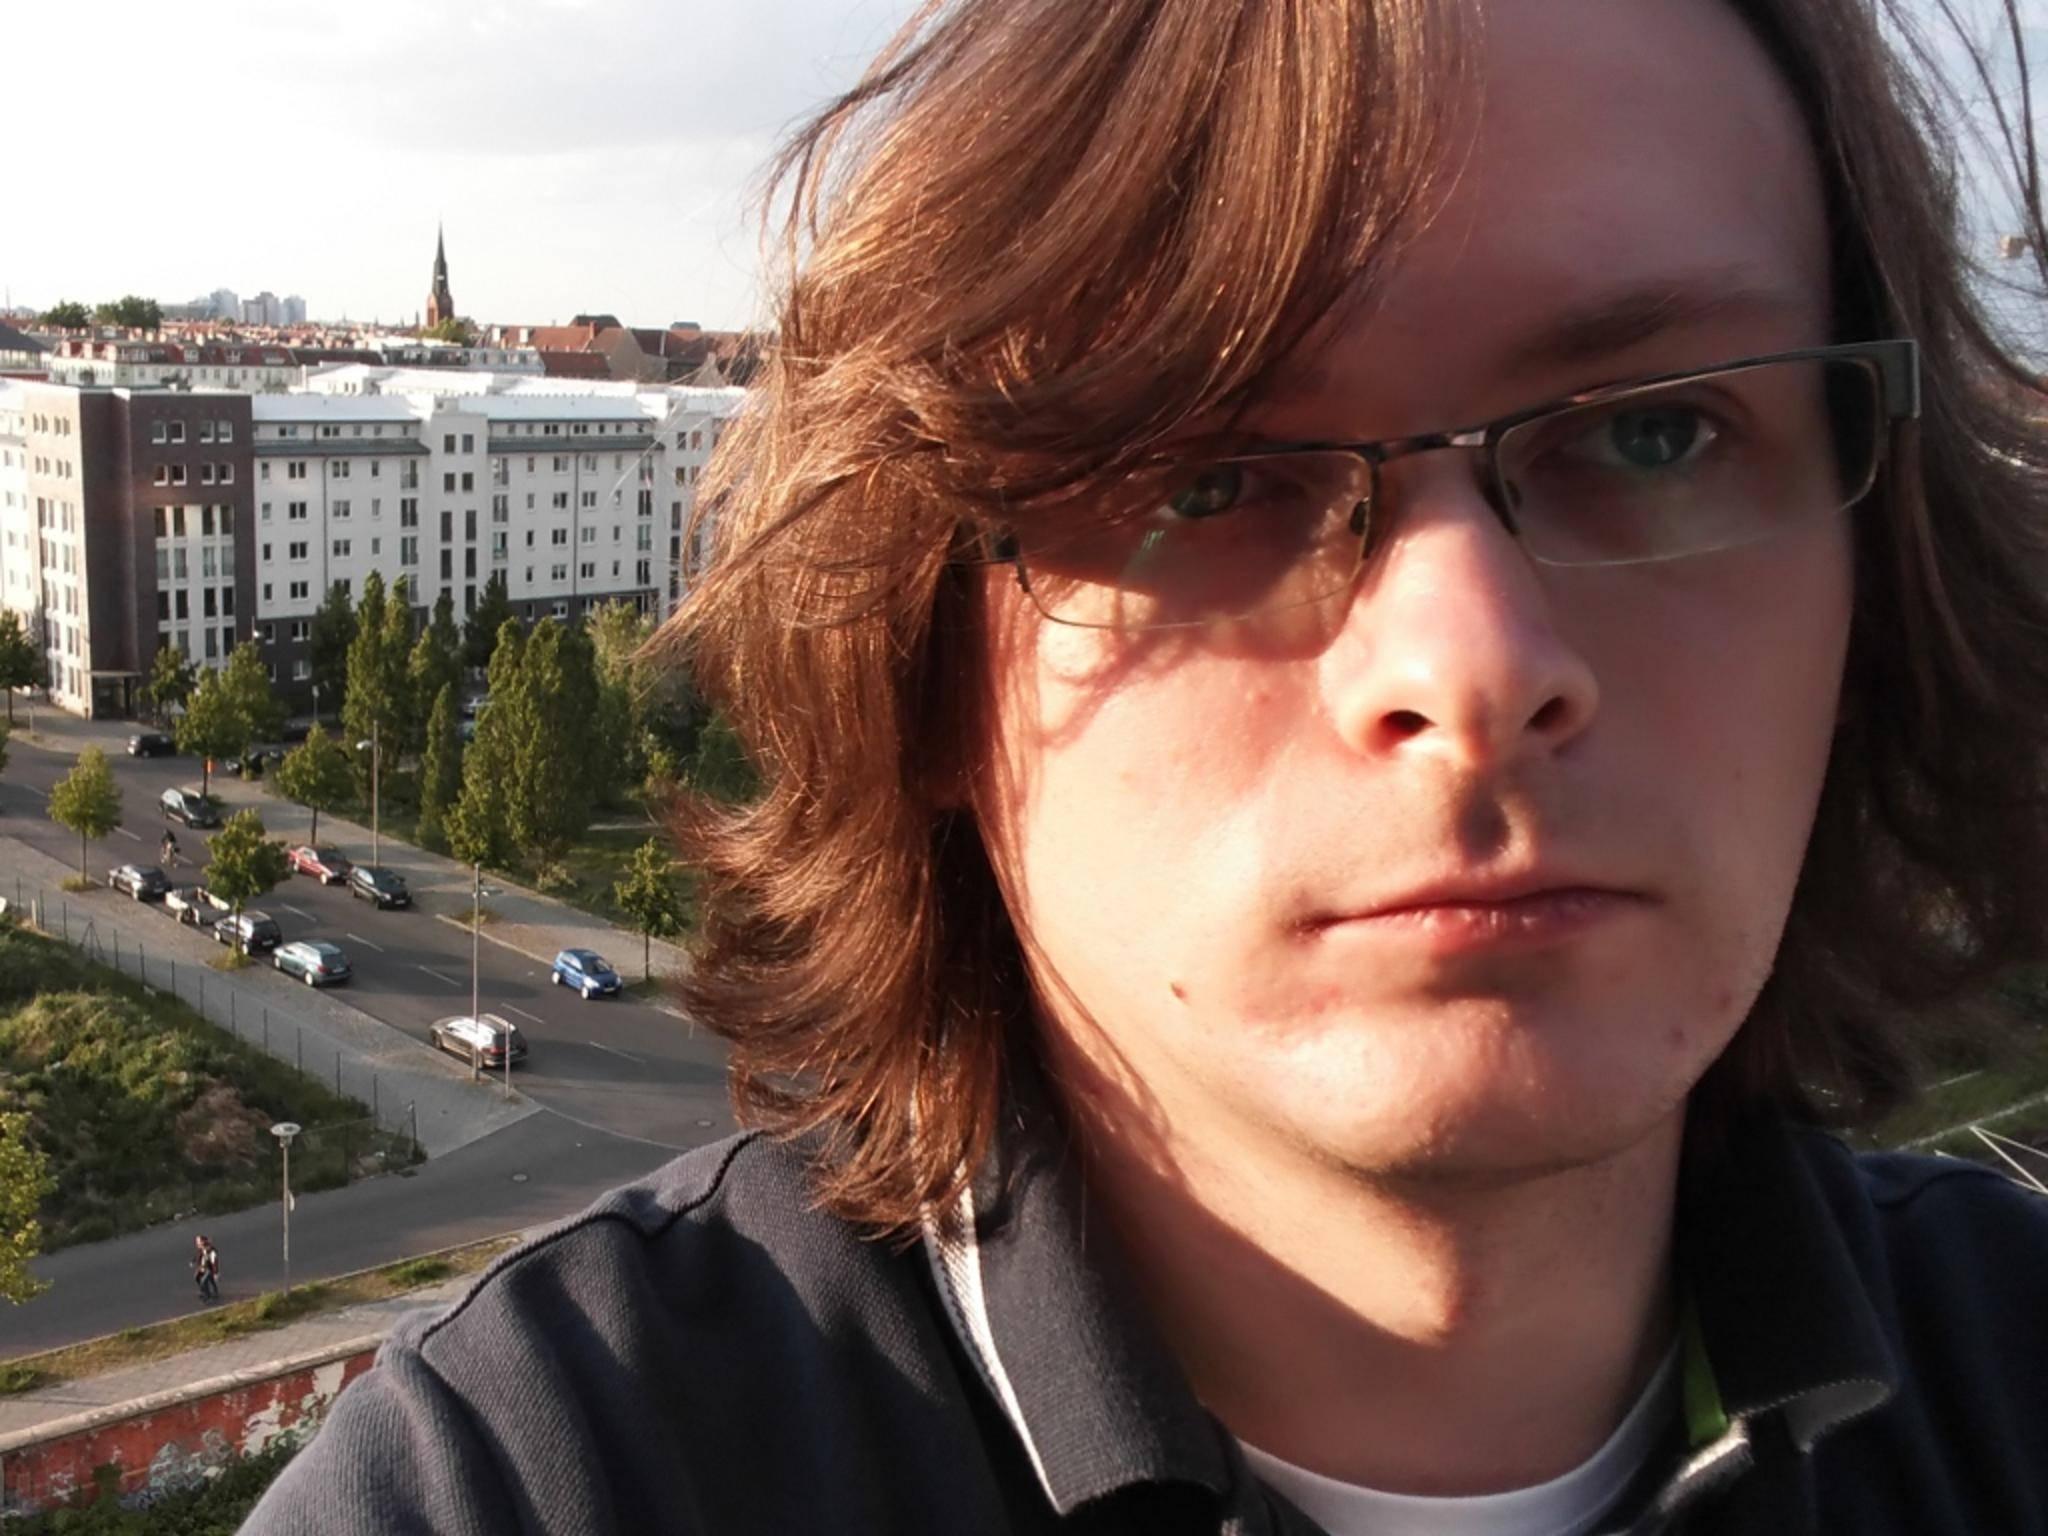 Selfies schießt die Frontkamera mit 8 Megapixeln.